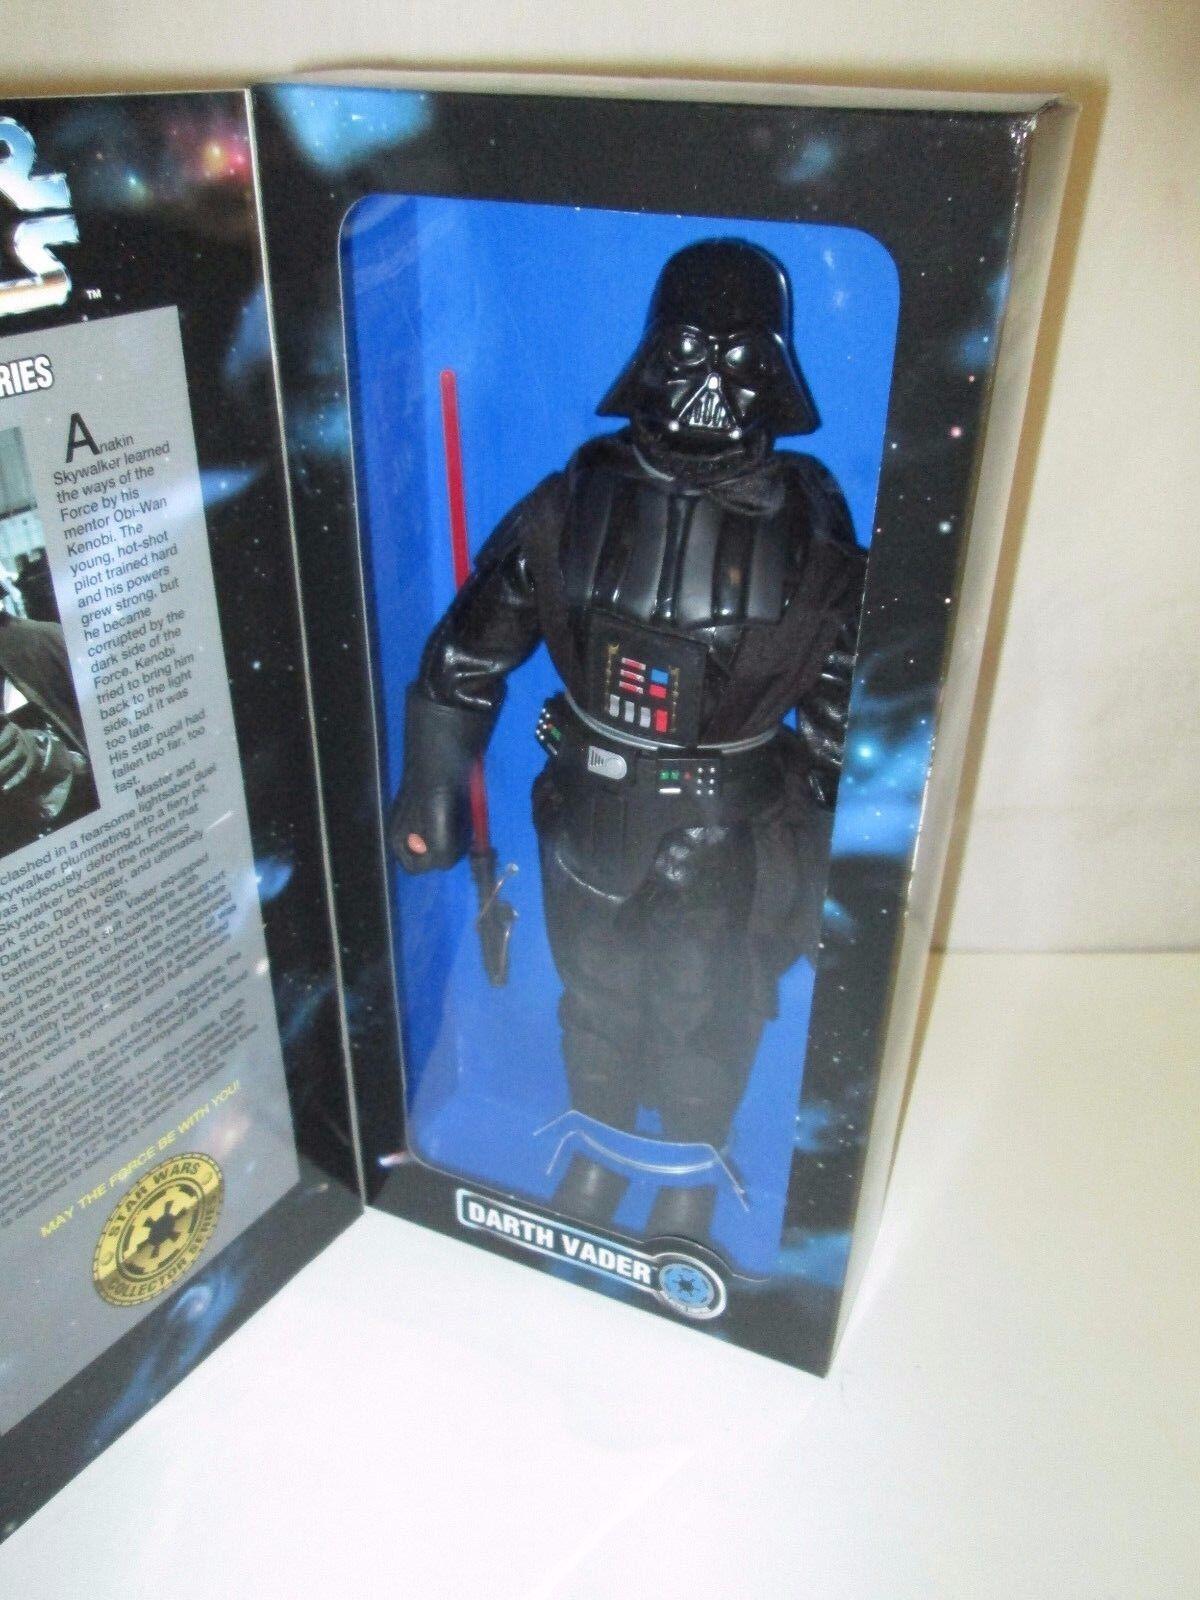 Guerra De Las Galaxias Darth Vader Collector Series 12  pulgadas Figura Muñeca Kenner Hasbro